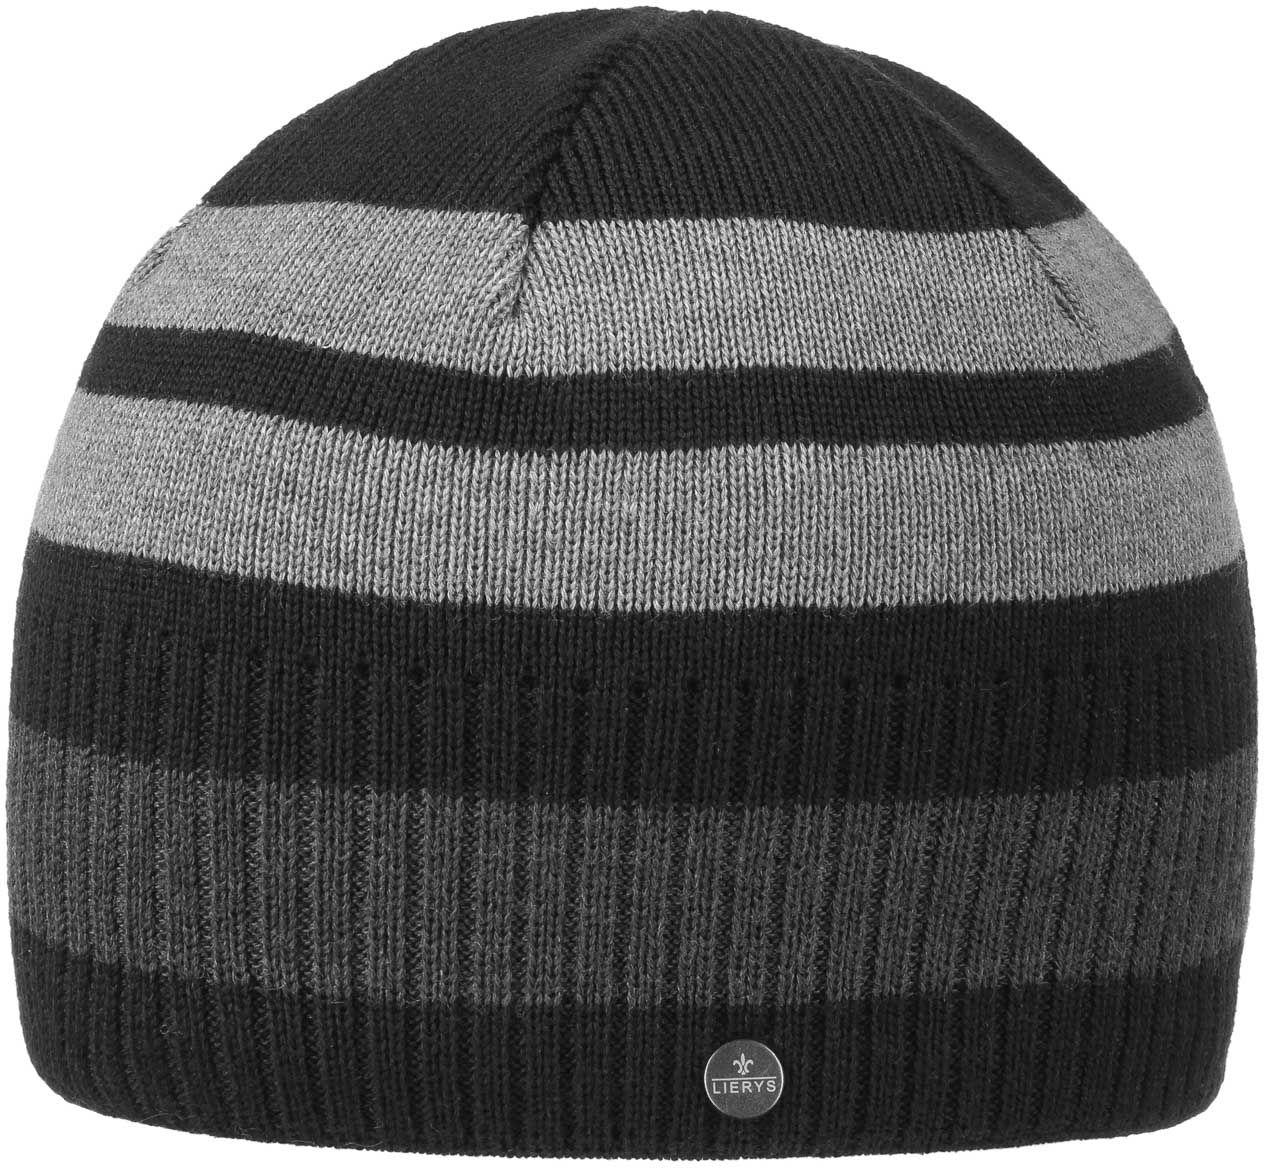 Czapka Beanie Fine Merino Stripes by Lierys, czarny, One Size